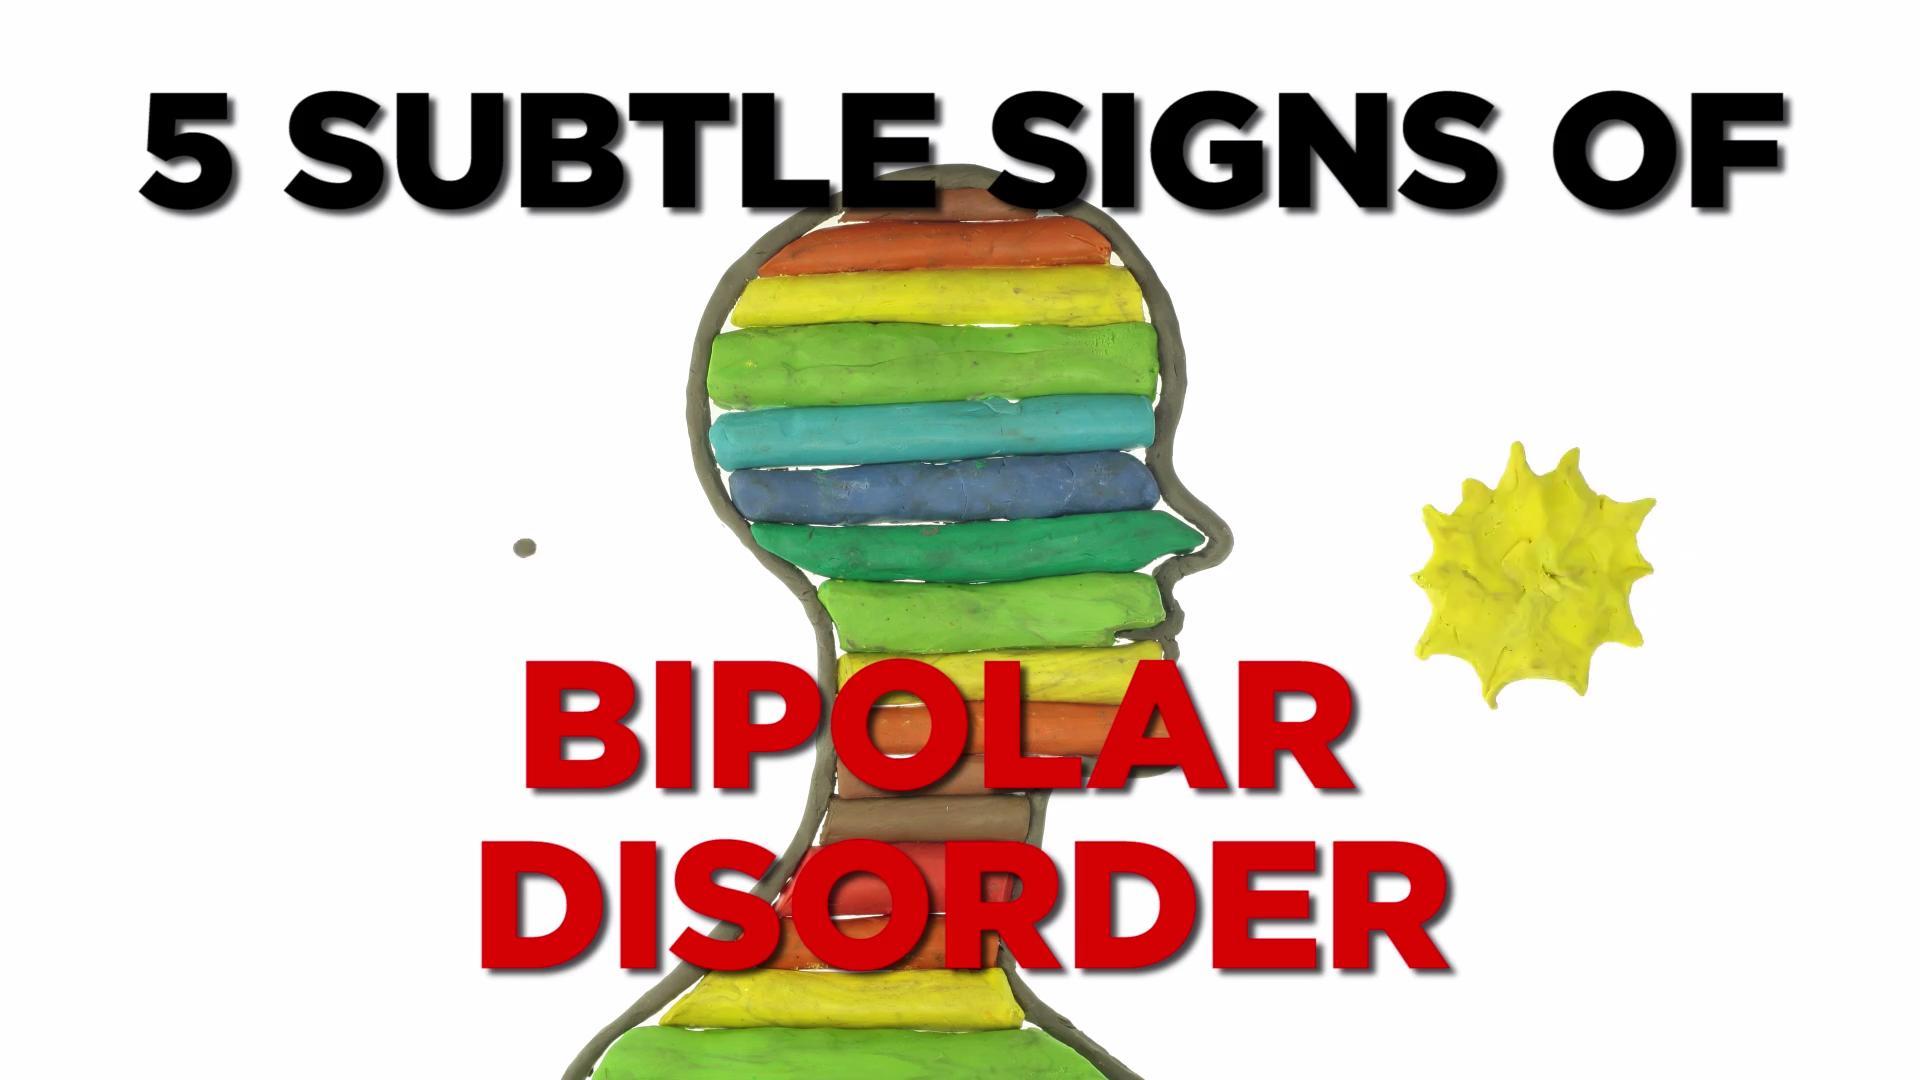 7 Schizophrenia Symptoms to Watch For